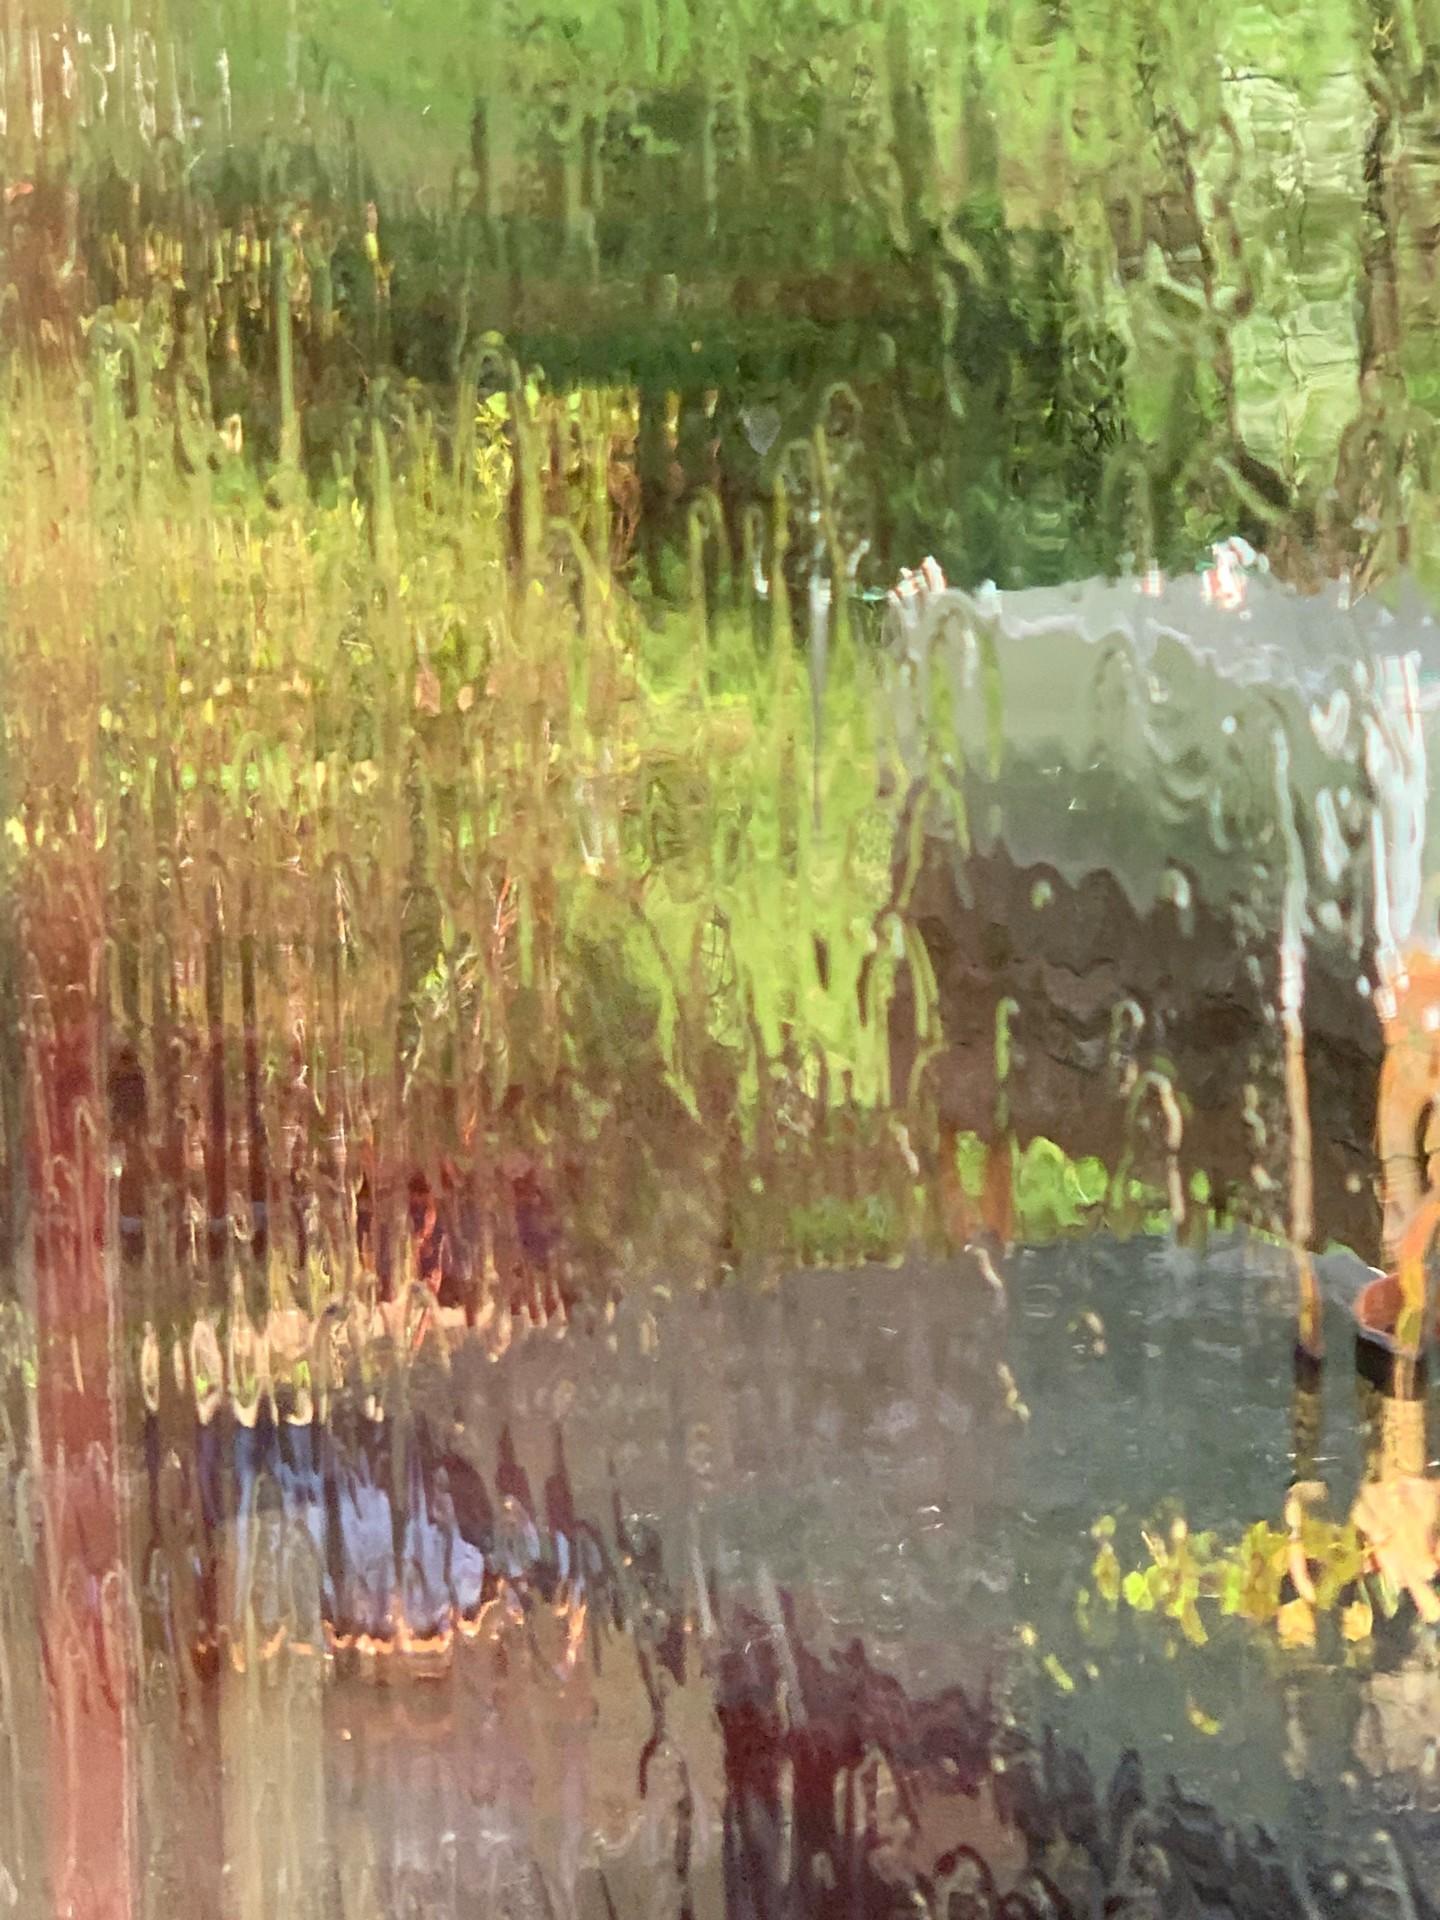 Zoé Valy - Toile de l'artiste «Pluie»